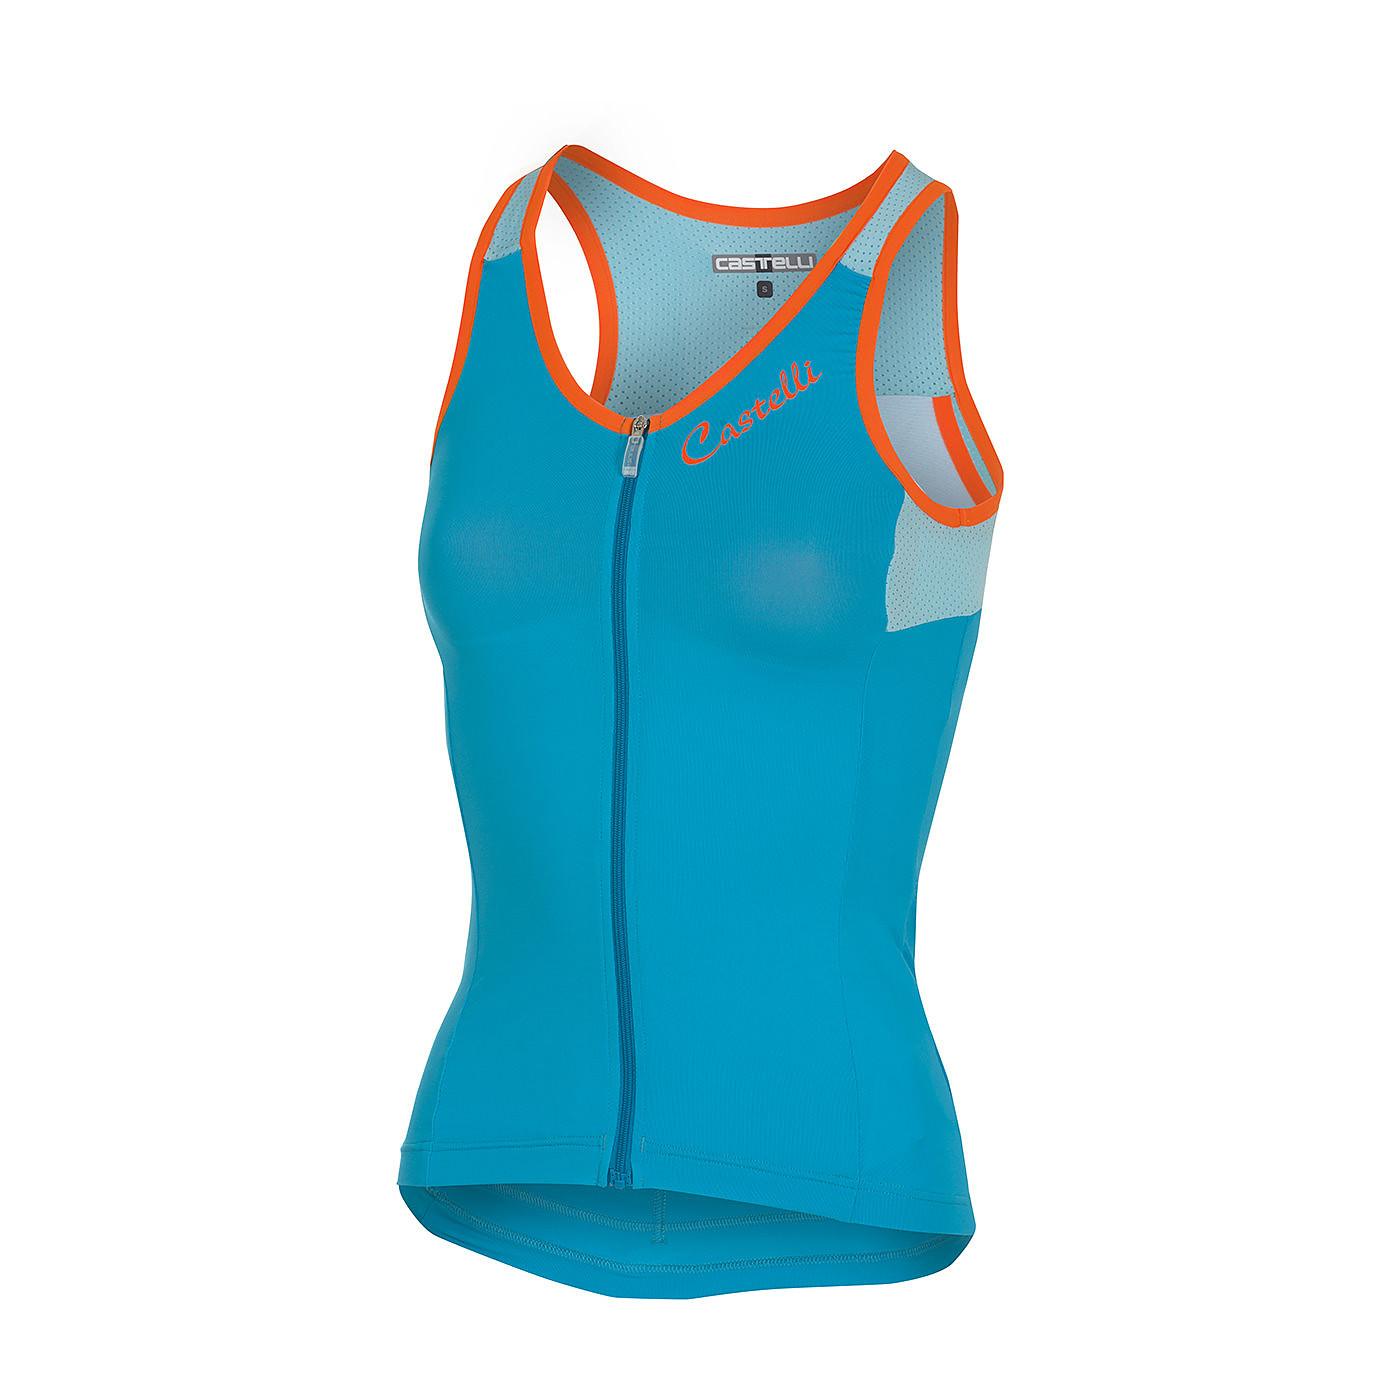 Castelli Maglia ciclismo donna - senza maniche 2018 Solare Sky Blu-Gla